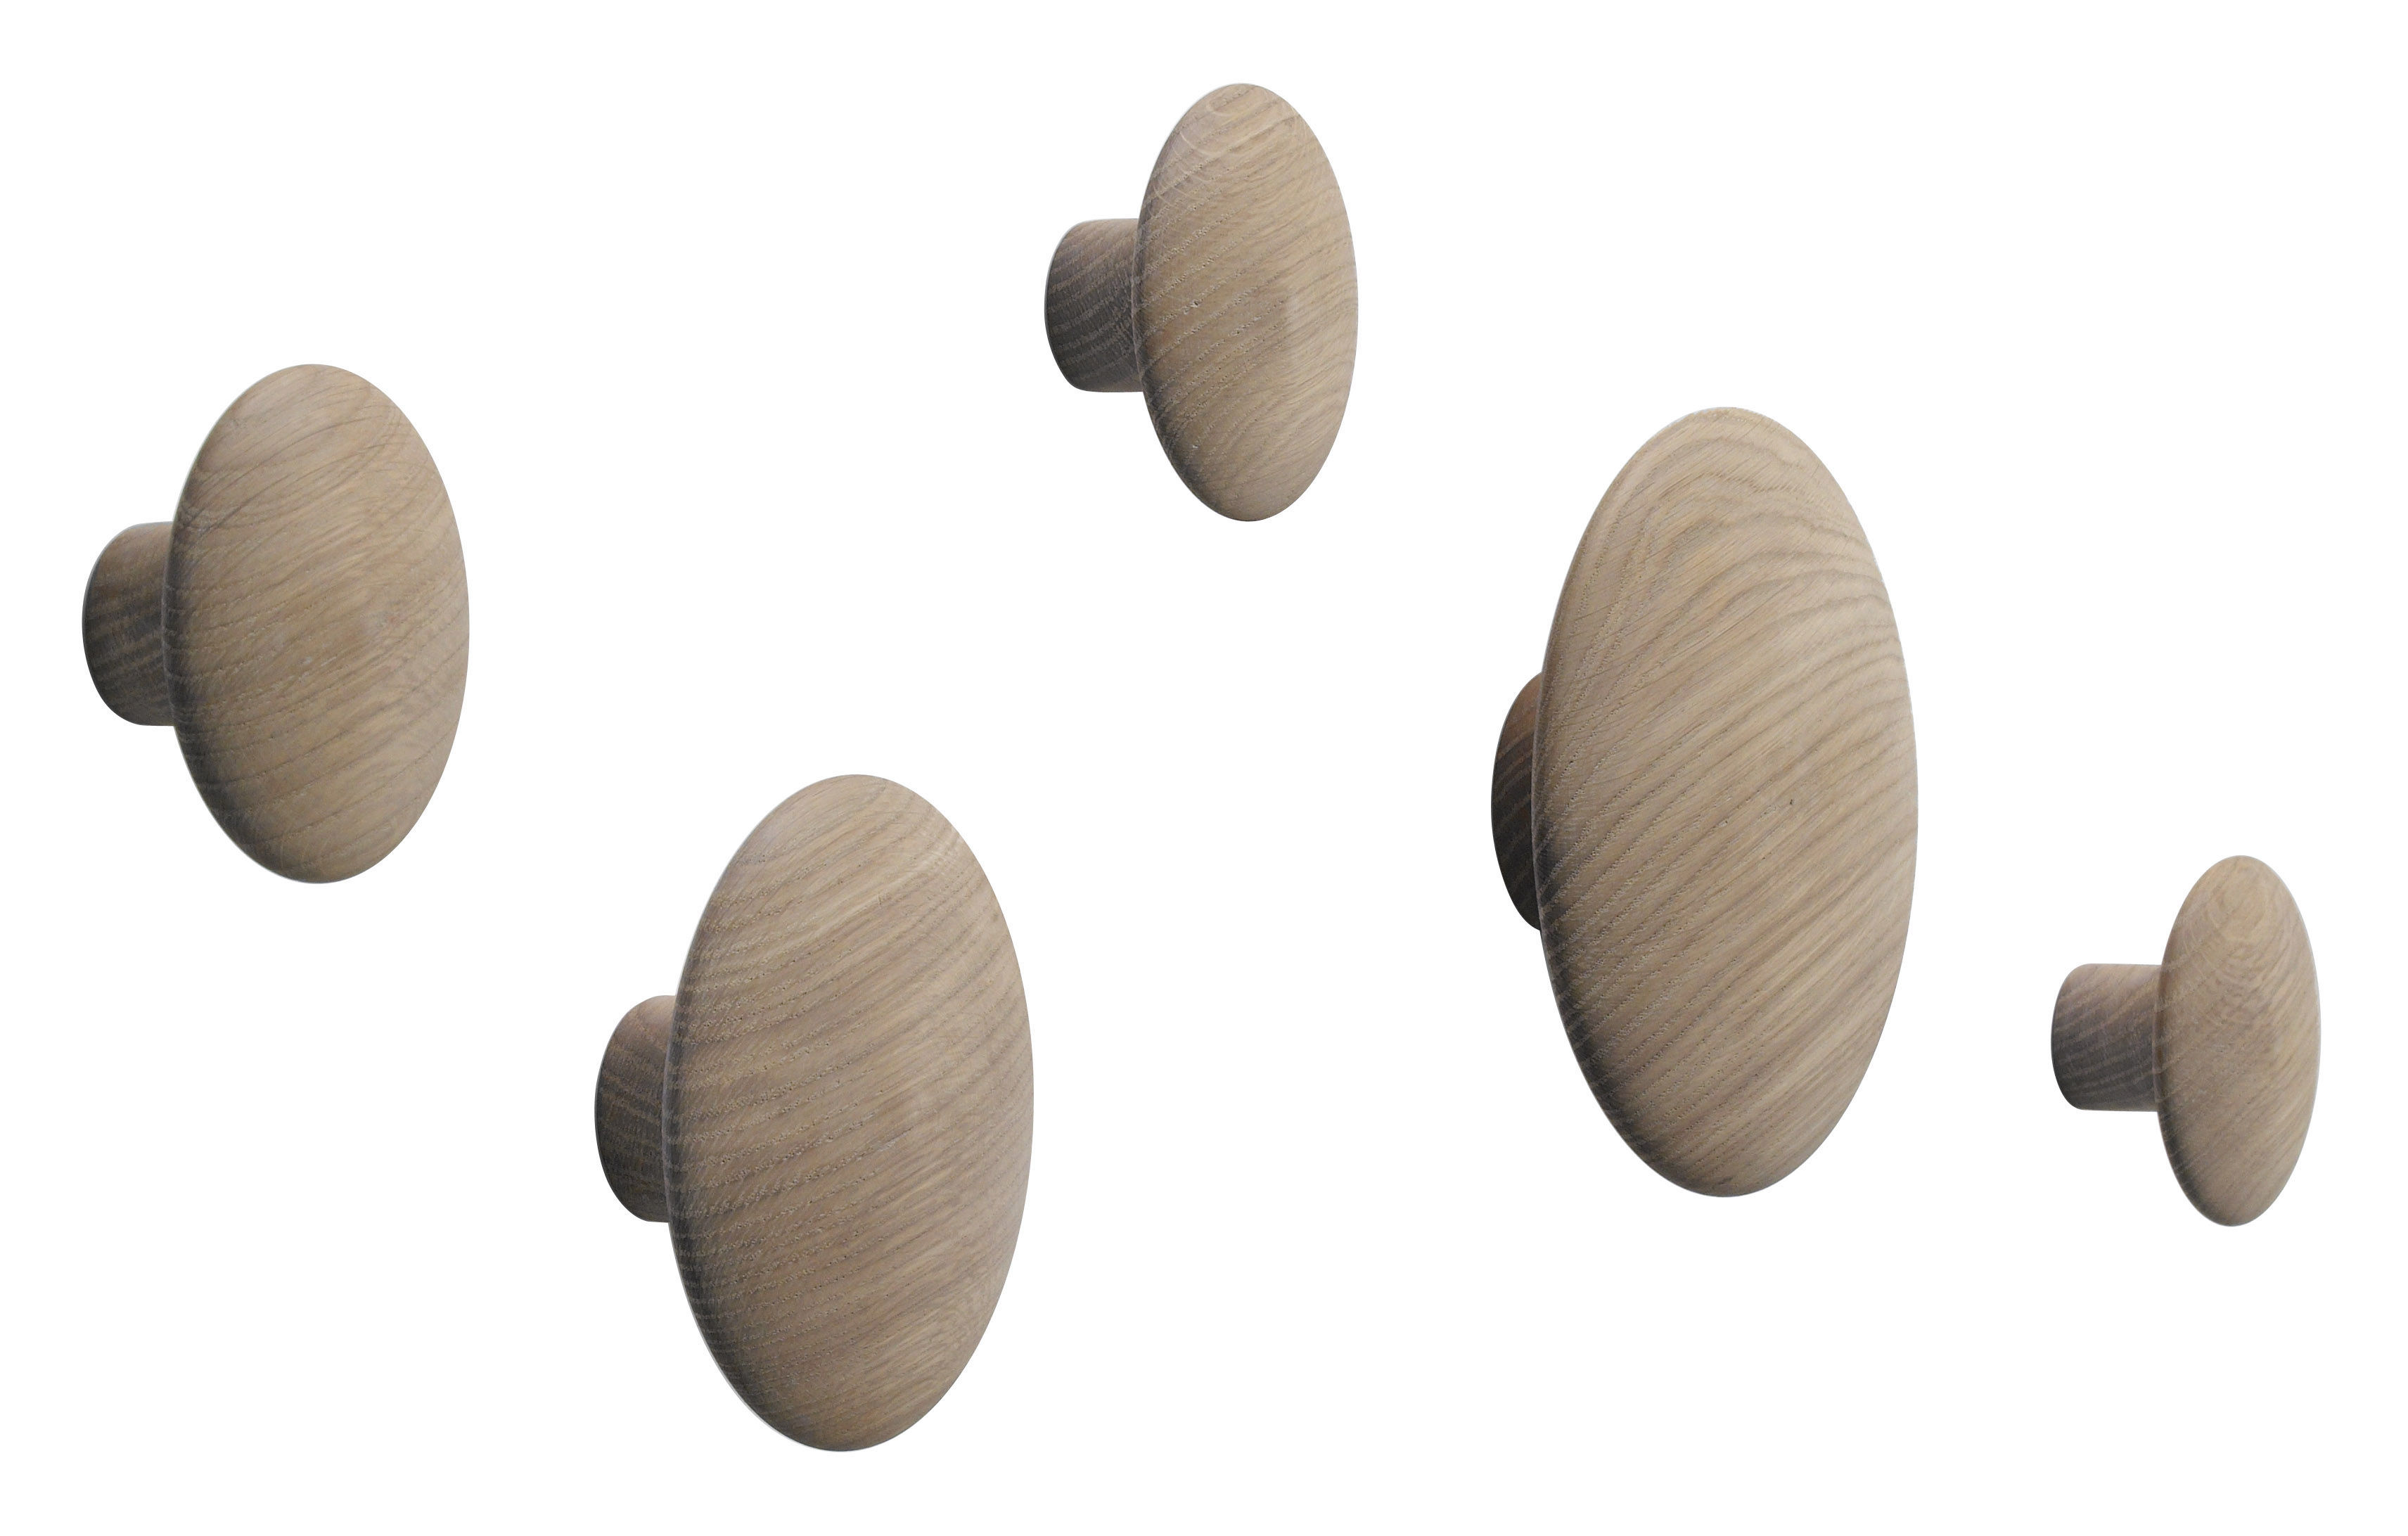 Mobilier - Portemanteaux, patères & portants - Patère The dots / Set de 5 - Muuto - Chêne naturel - Chêne